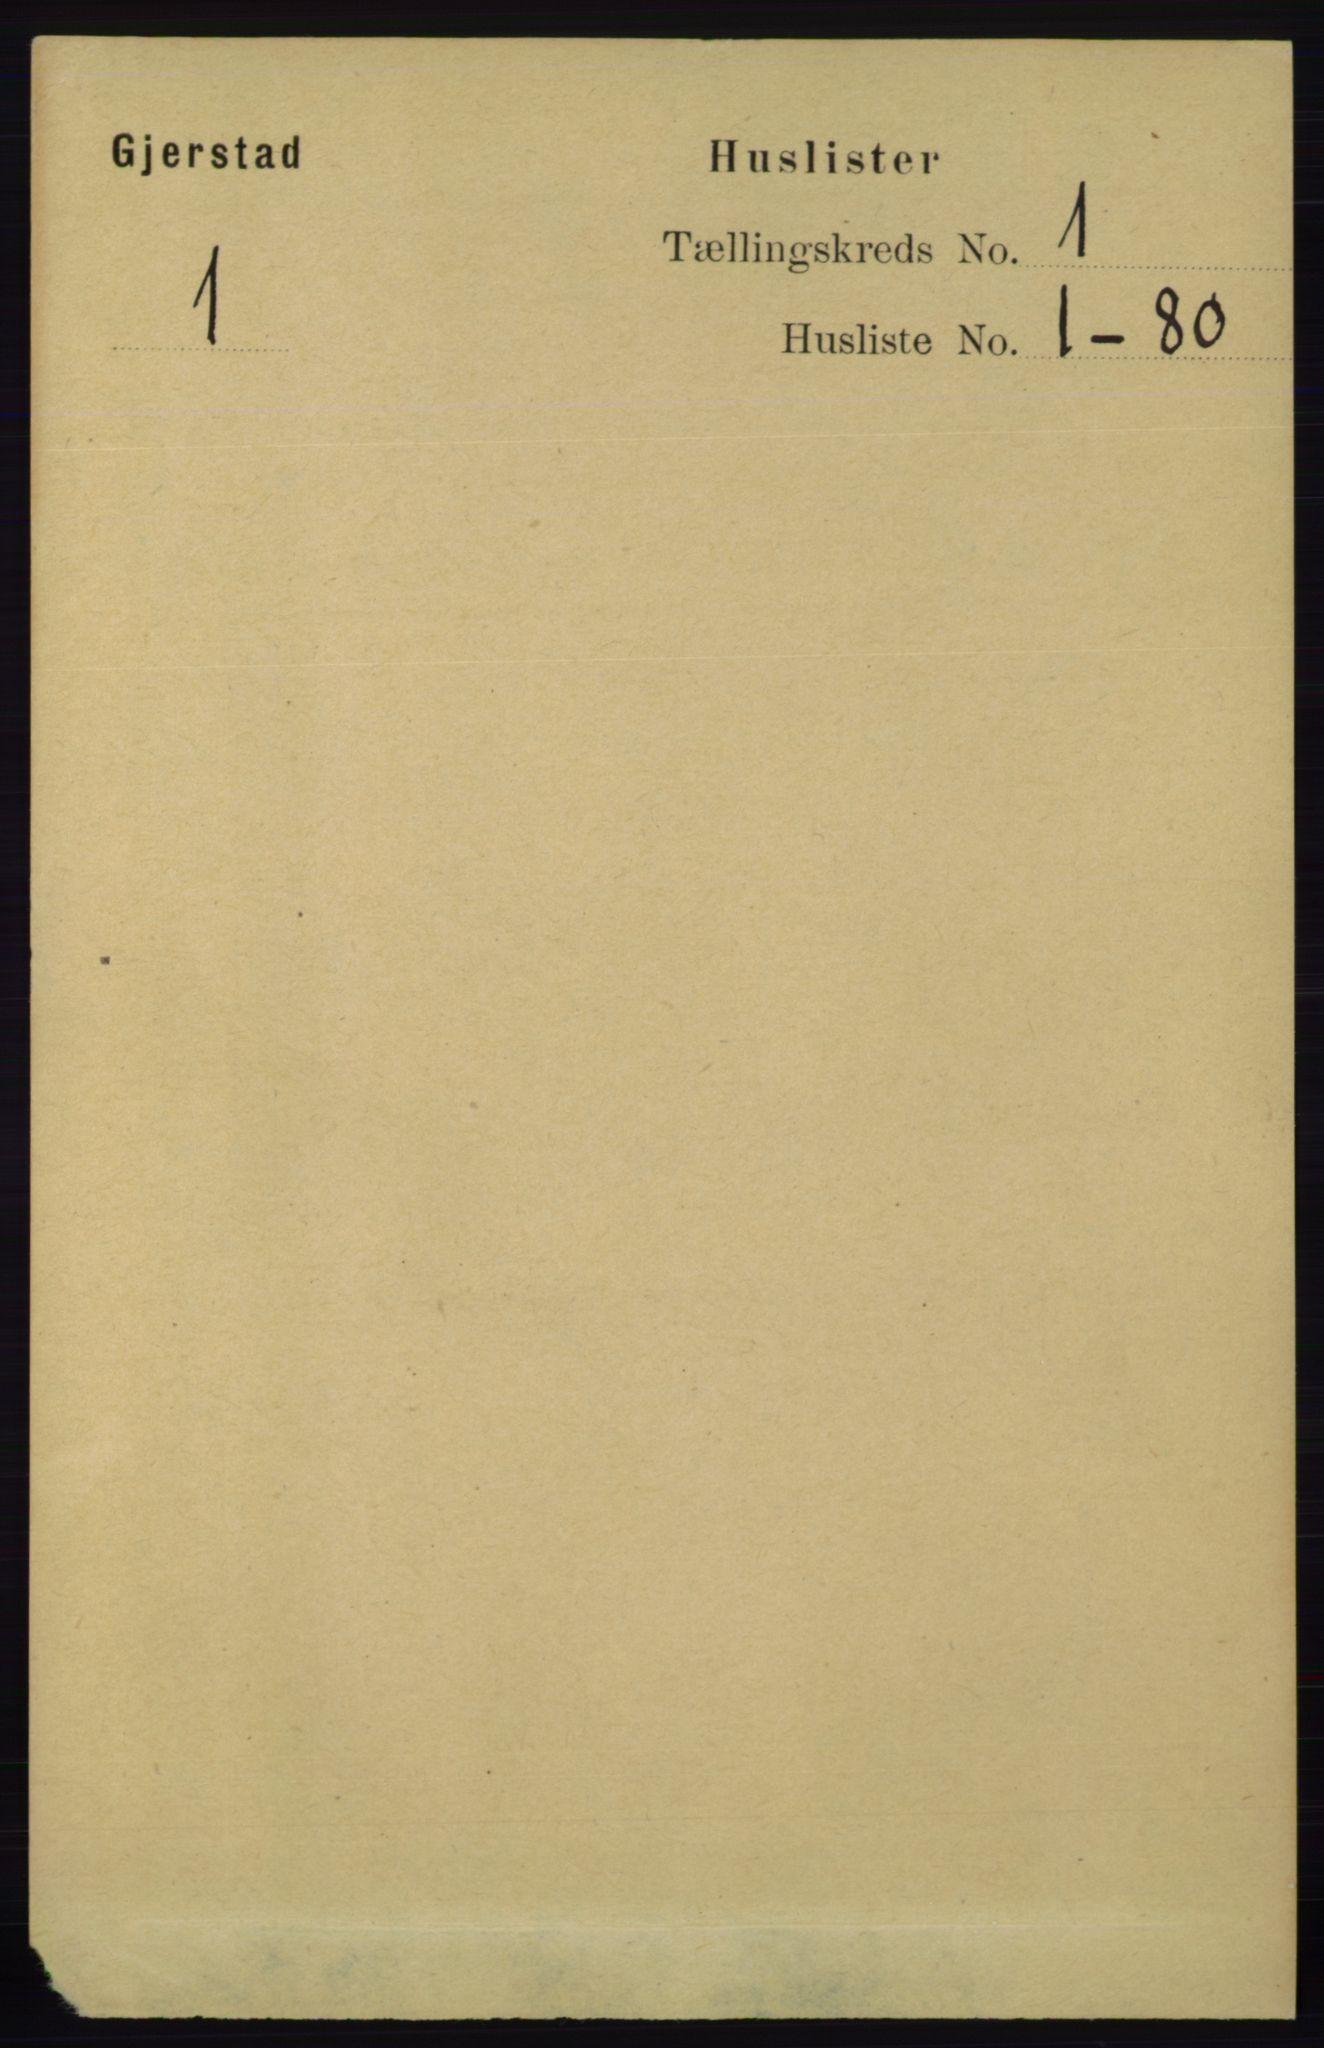 RA, Folketelling 1891 for 0911 Gjerstad herred, 1891, s. 20